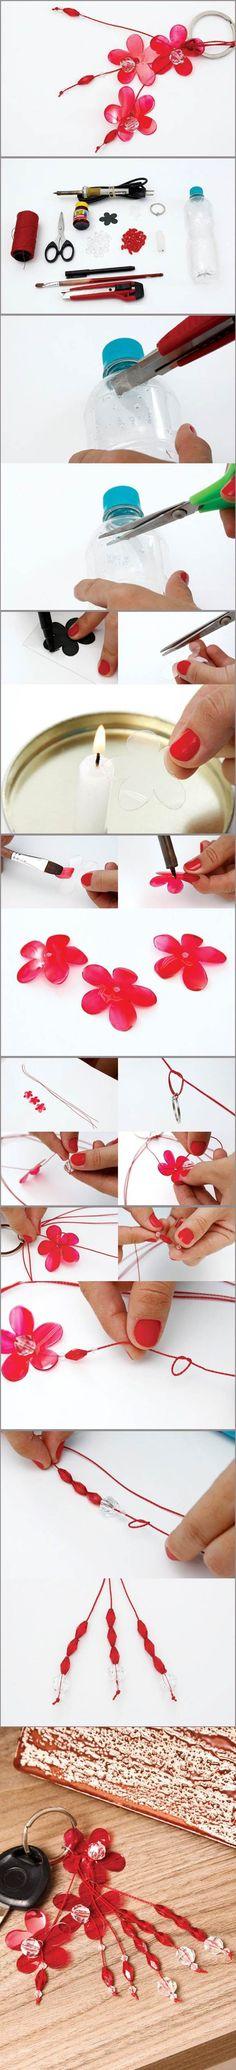 DIY Flower Key Chains from Plastic Bottle